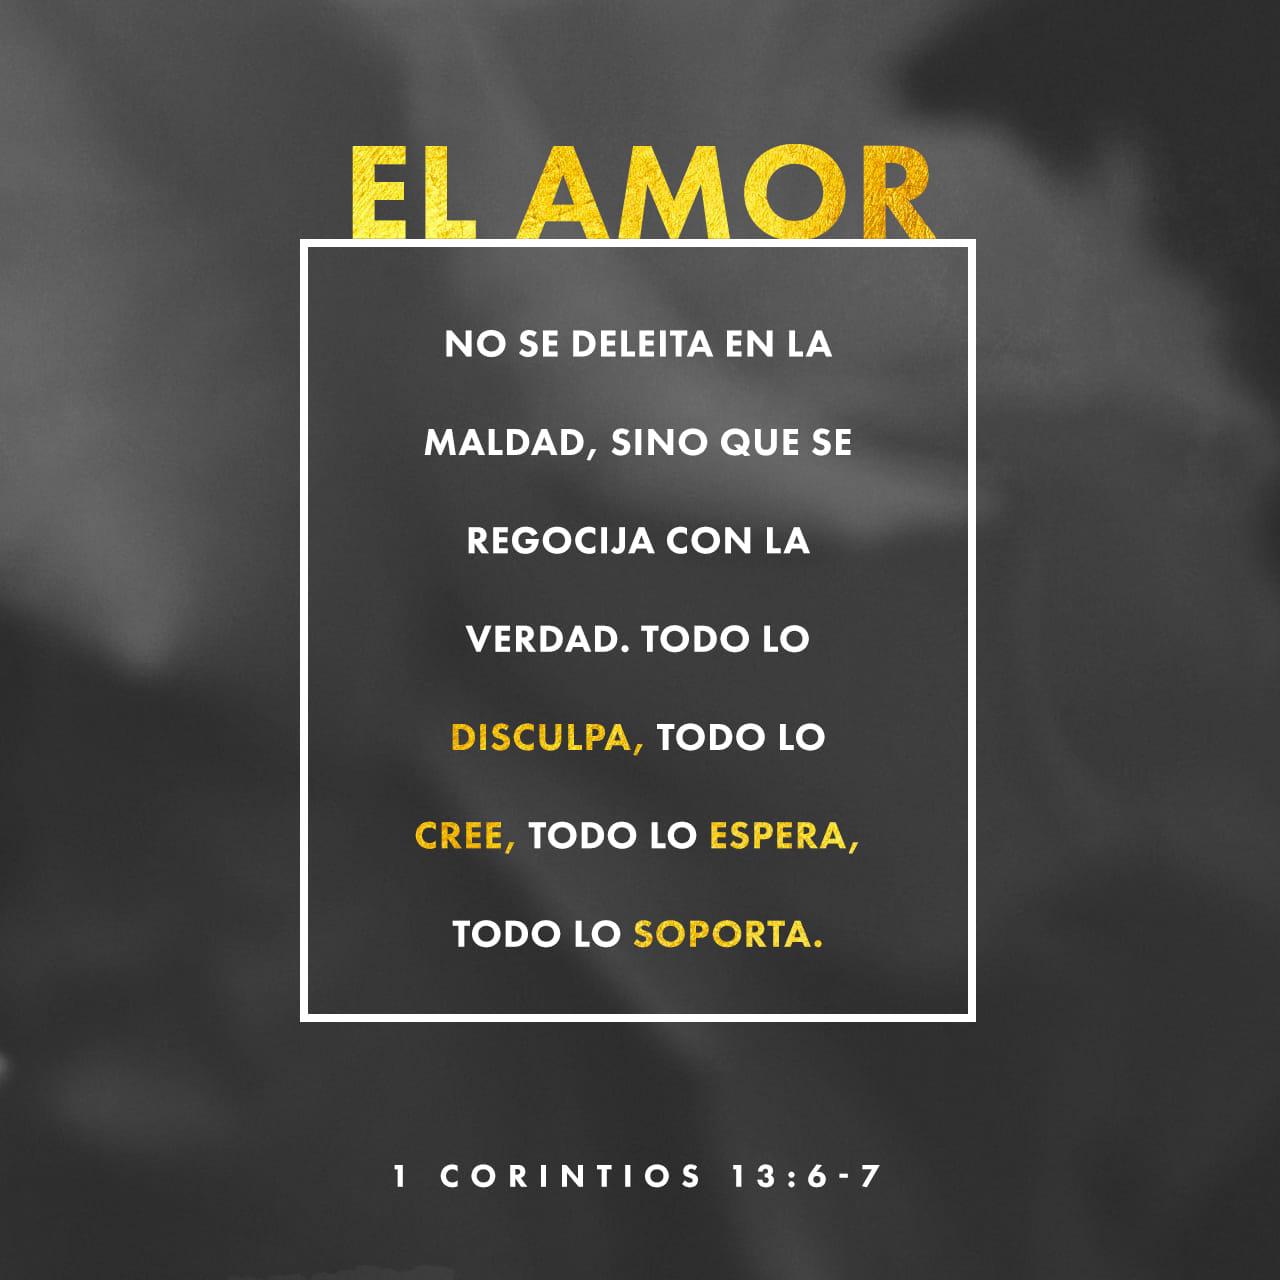 1 Corintios 13 4 8 El Amor Es Sufrido Es Benigno El Amor No Tiene